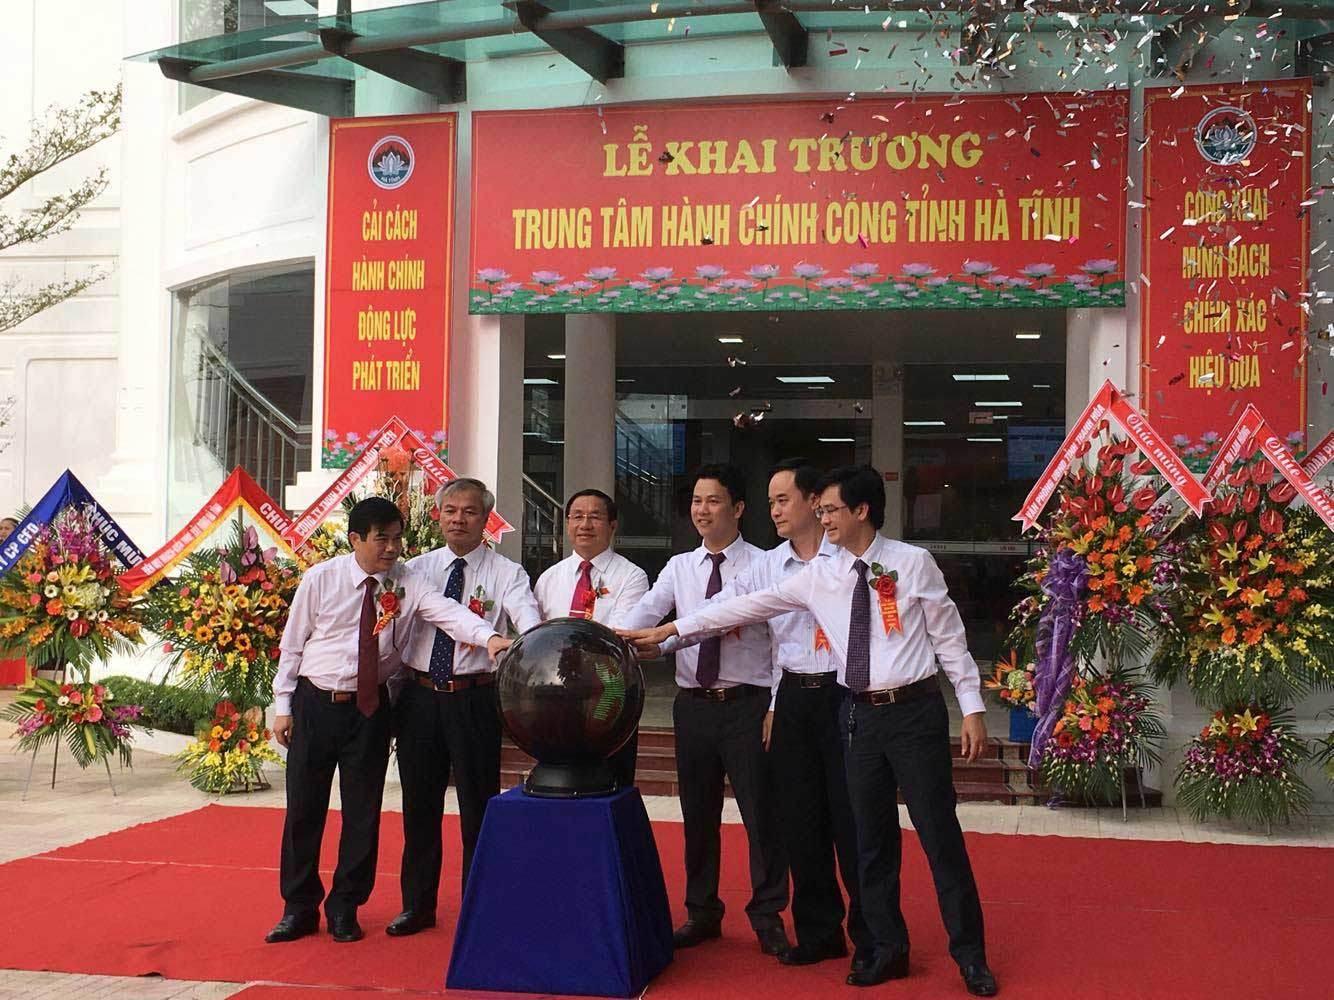 Chủ tịch Hà Tĩnh, Đặng Quốc Khánh, Hành chính công, công khai xin lỗi